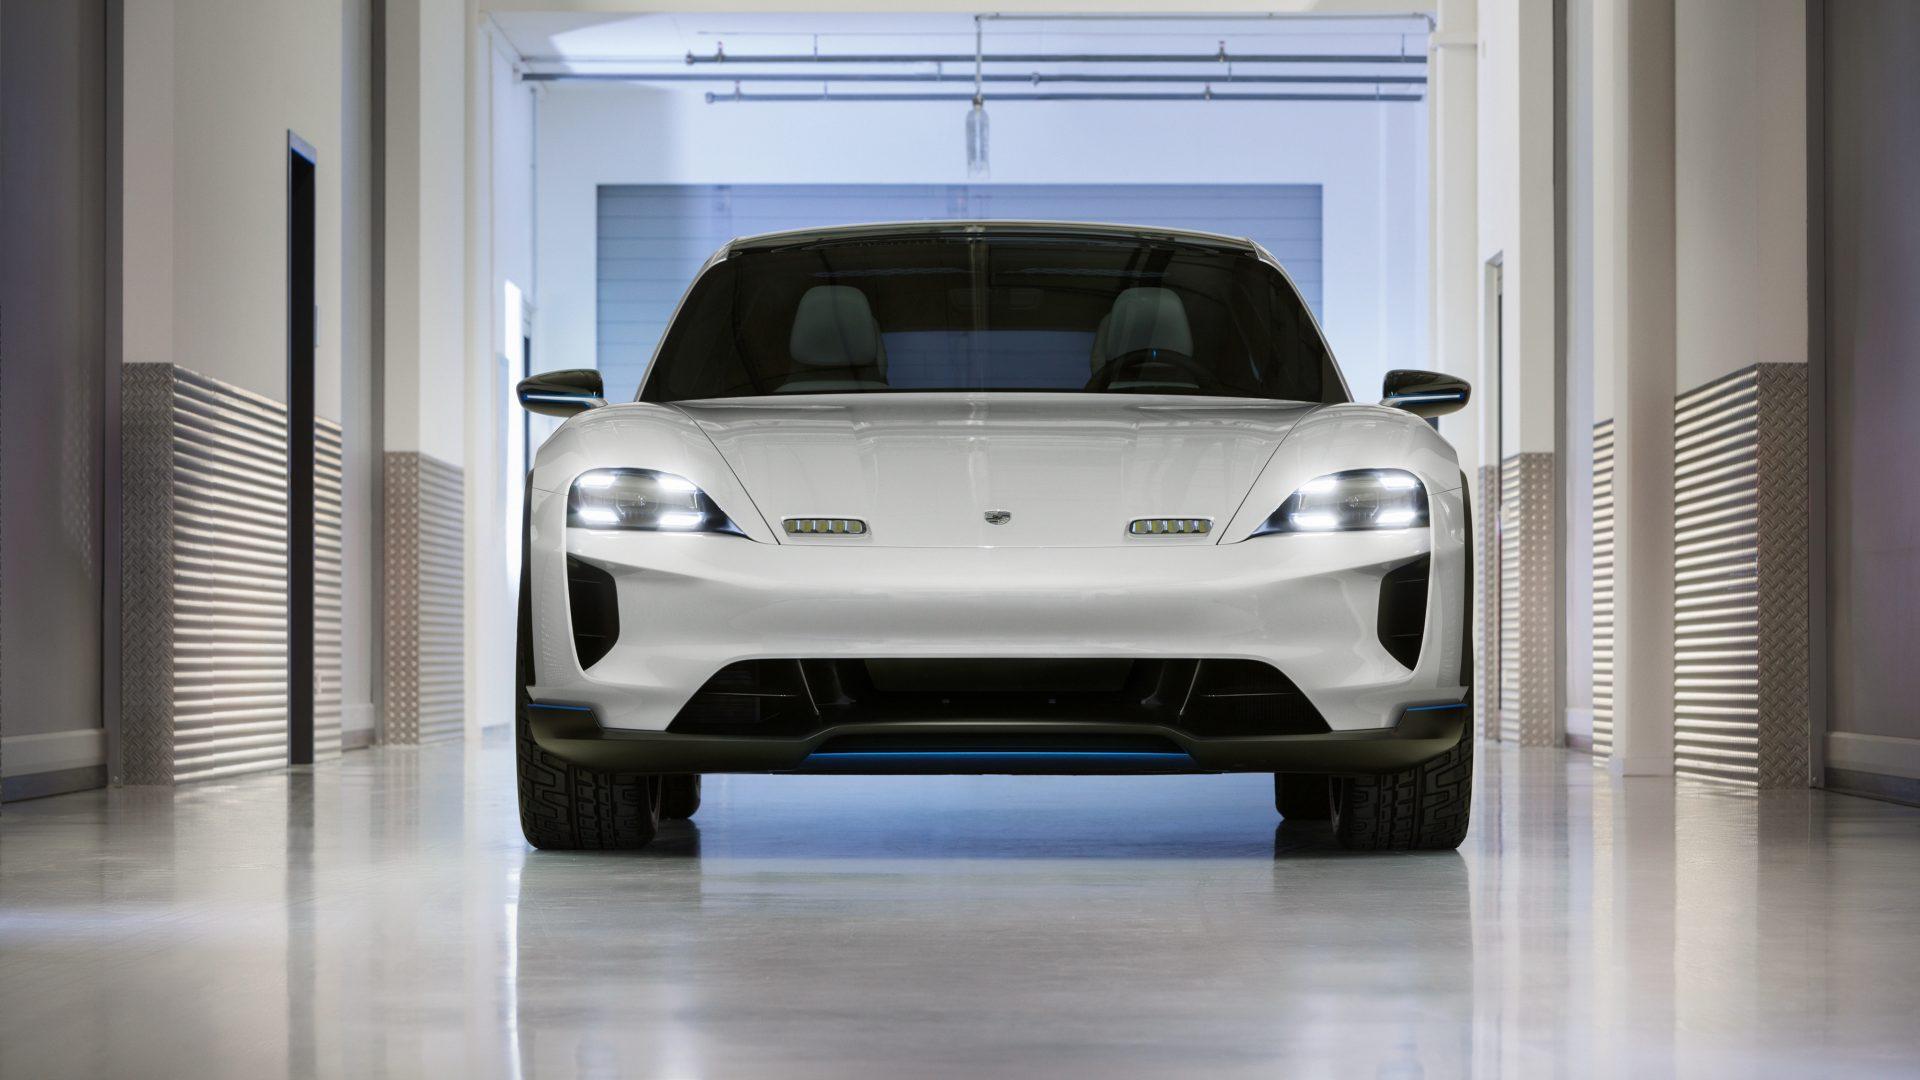 Porsche Mission E Cross Turismo 2018 4K Wallpaper Download